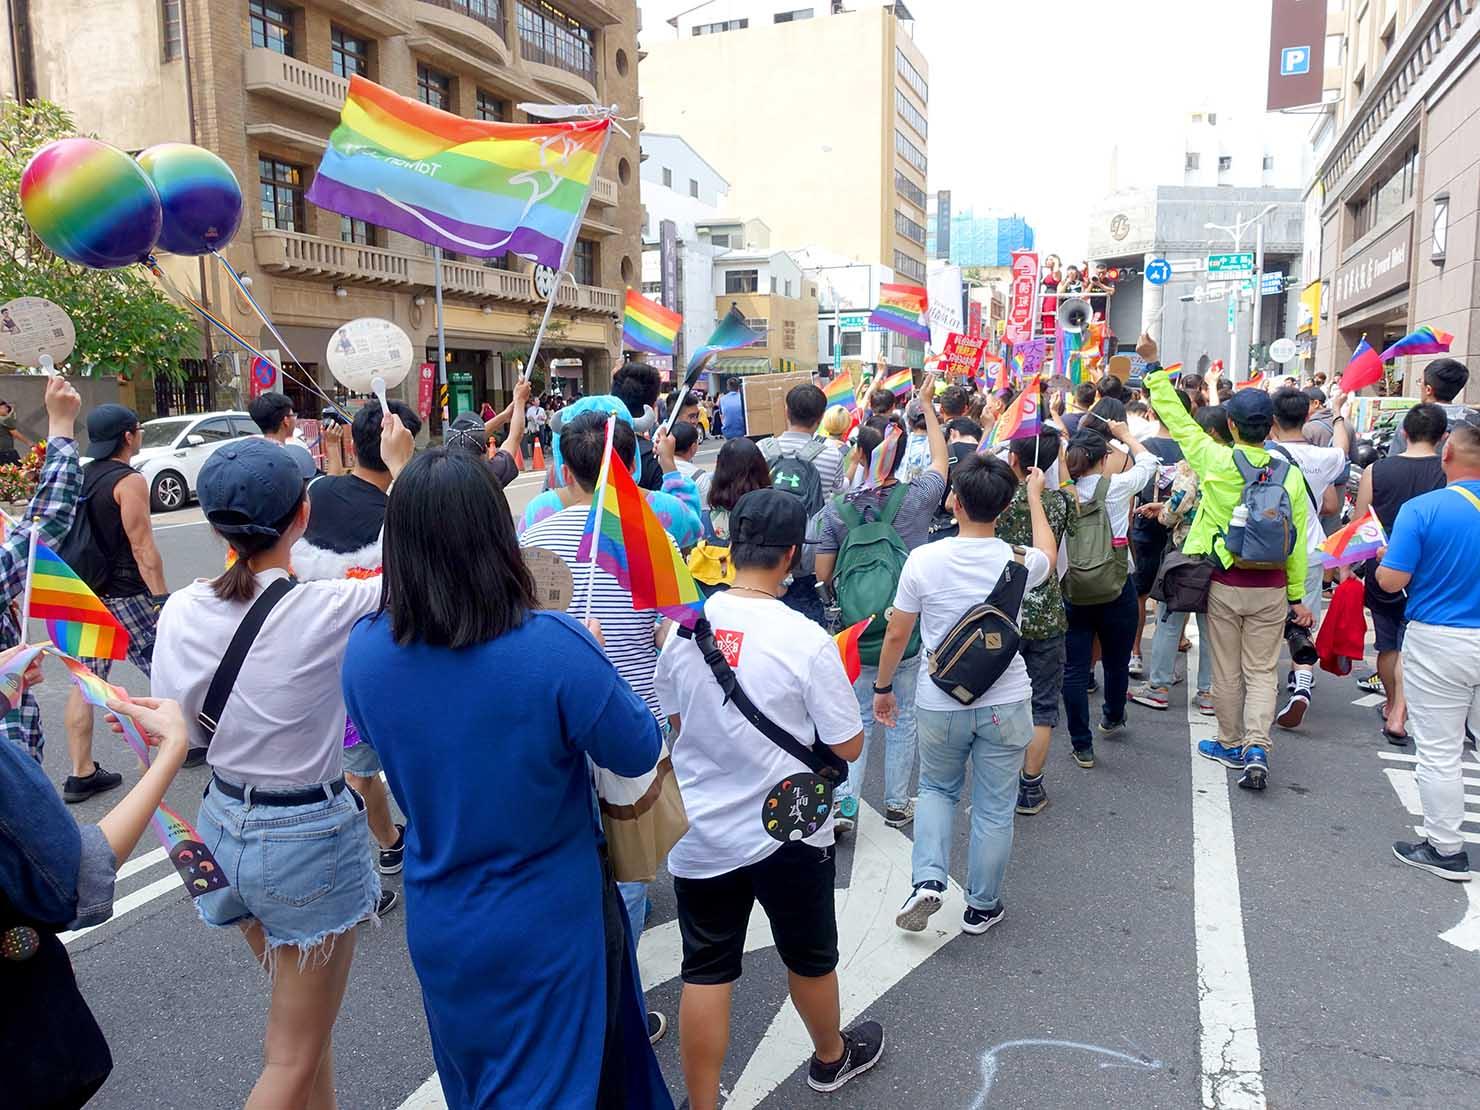 台南彩虹遊行(台南レインボーパレード)2019で林百貨前を歩くパレード隊列